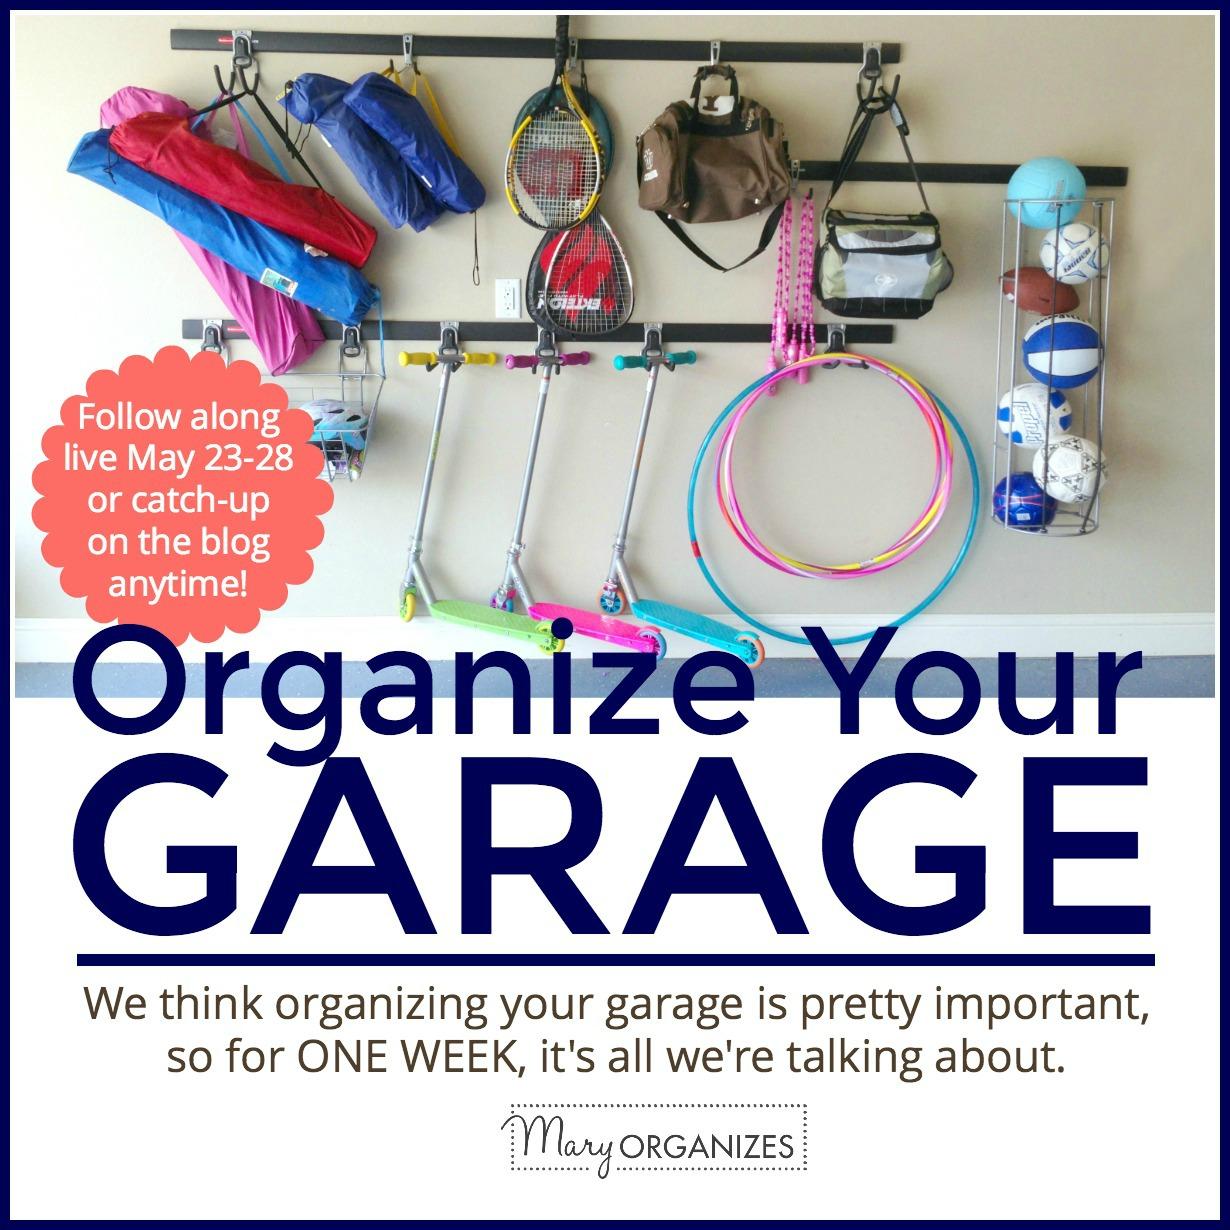 Organize Your Garage - GARAGE WEEK! -s